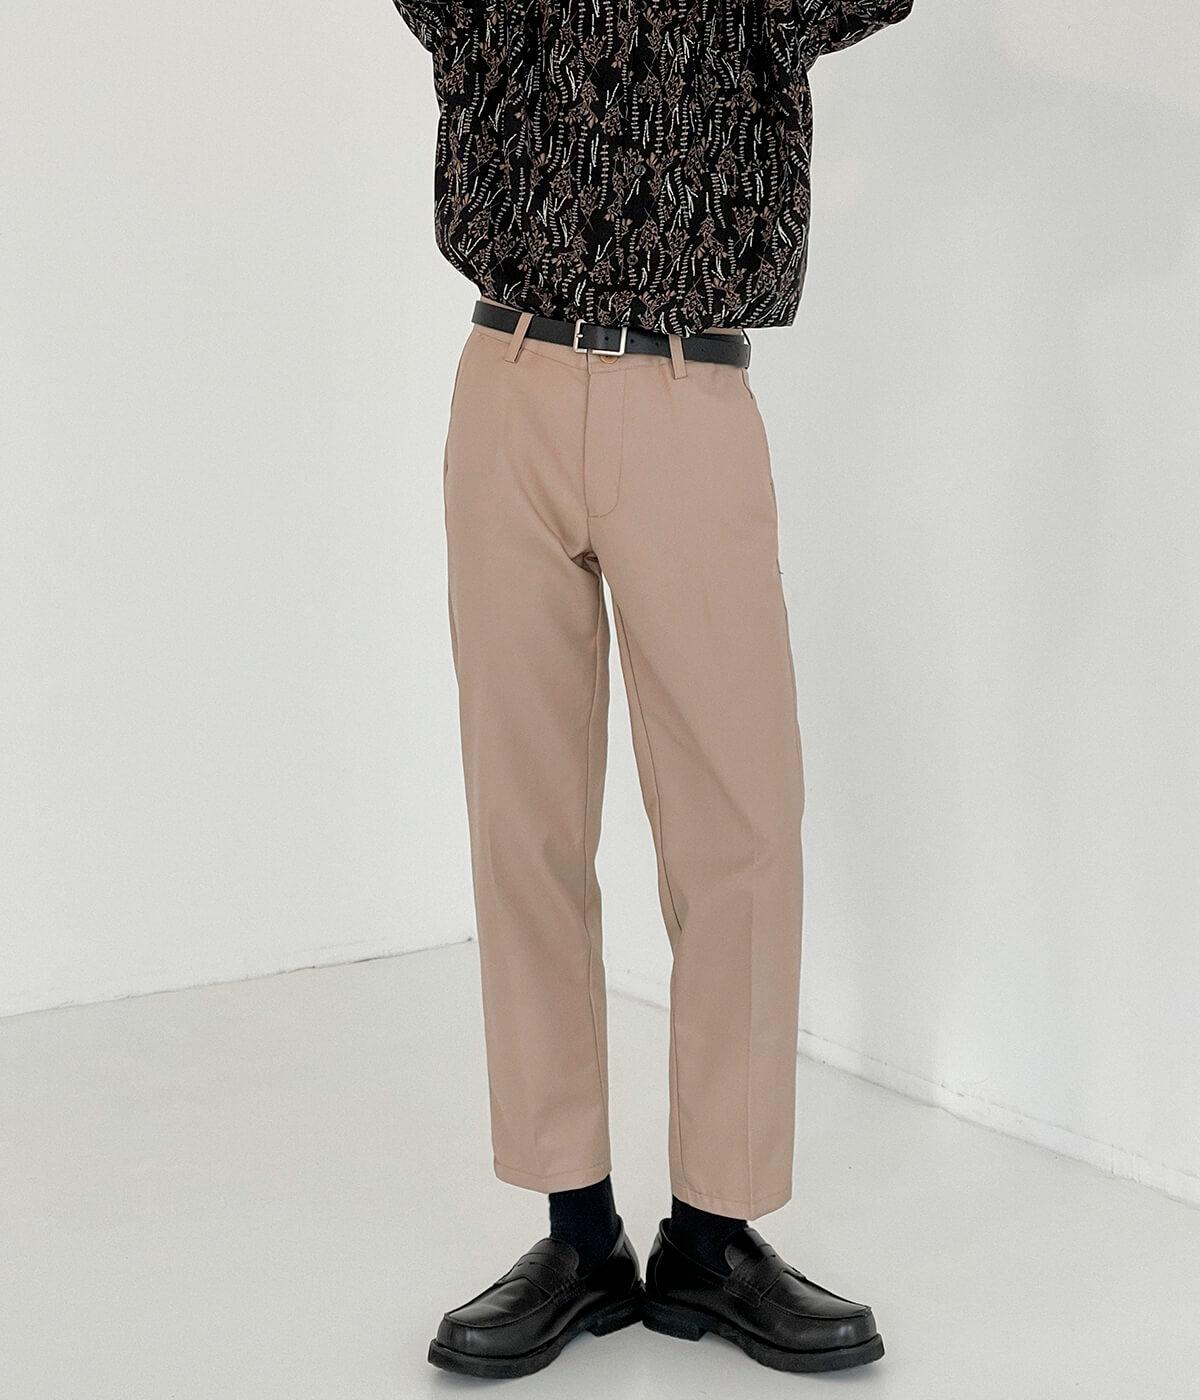 Брюки DAZO Studio Straight Crop Basic Pants (4)